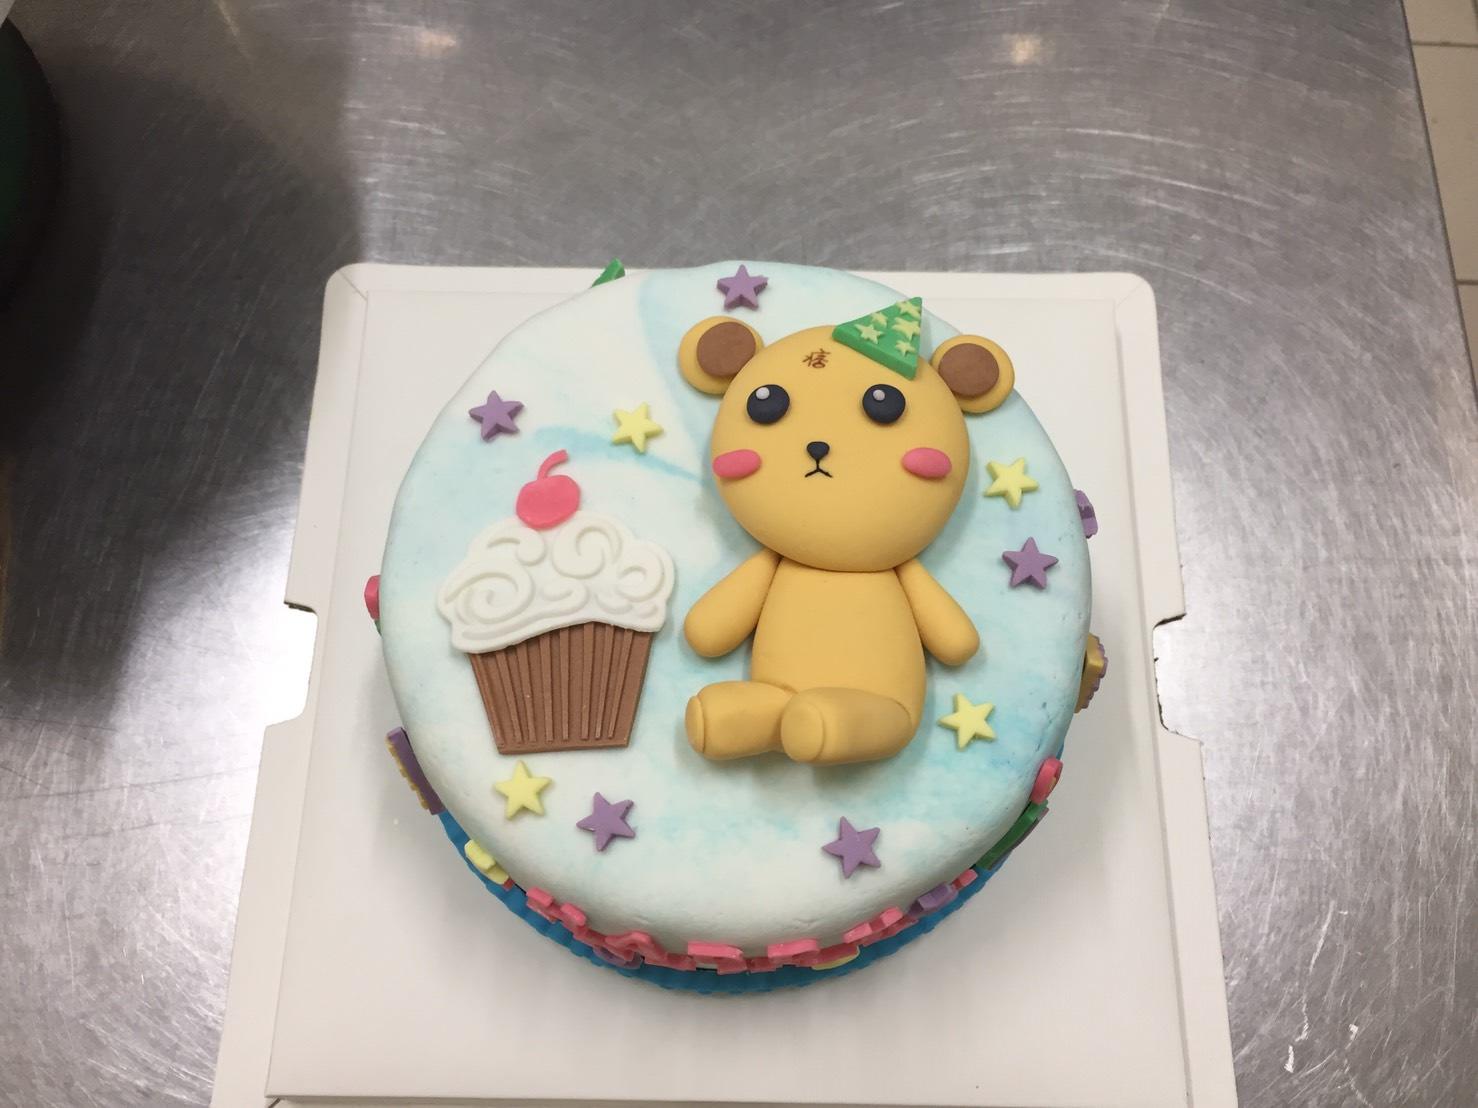 台中求婚蛋糕│一生一次的驚喜就交給最專業的卷卷蛋糕客製化